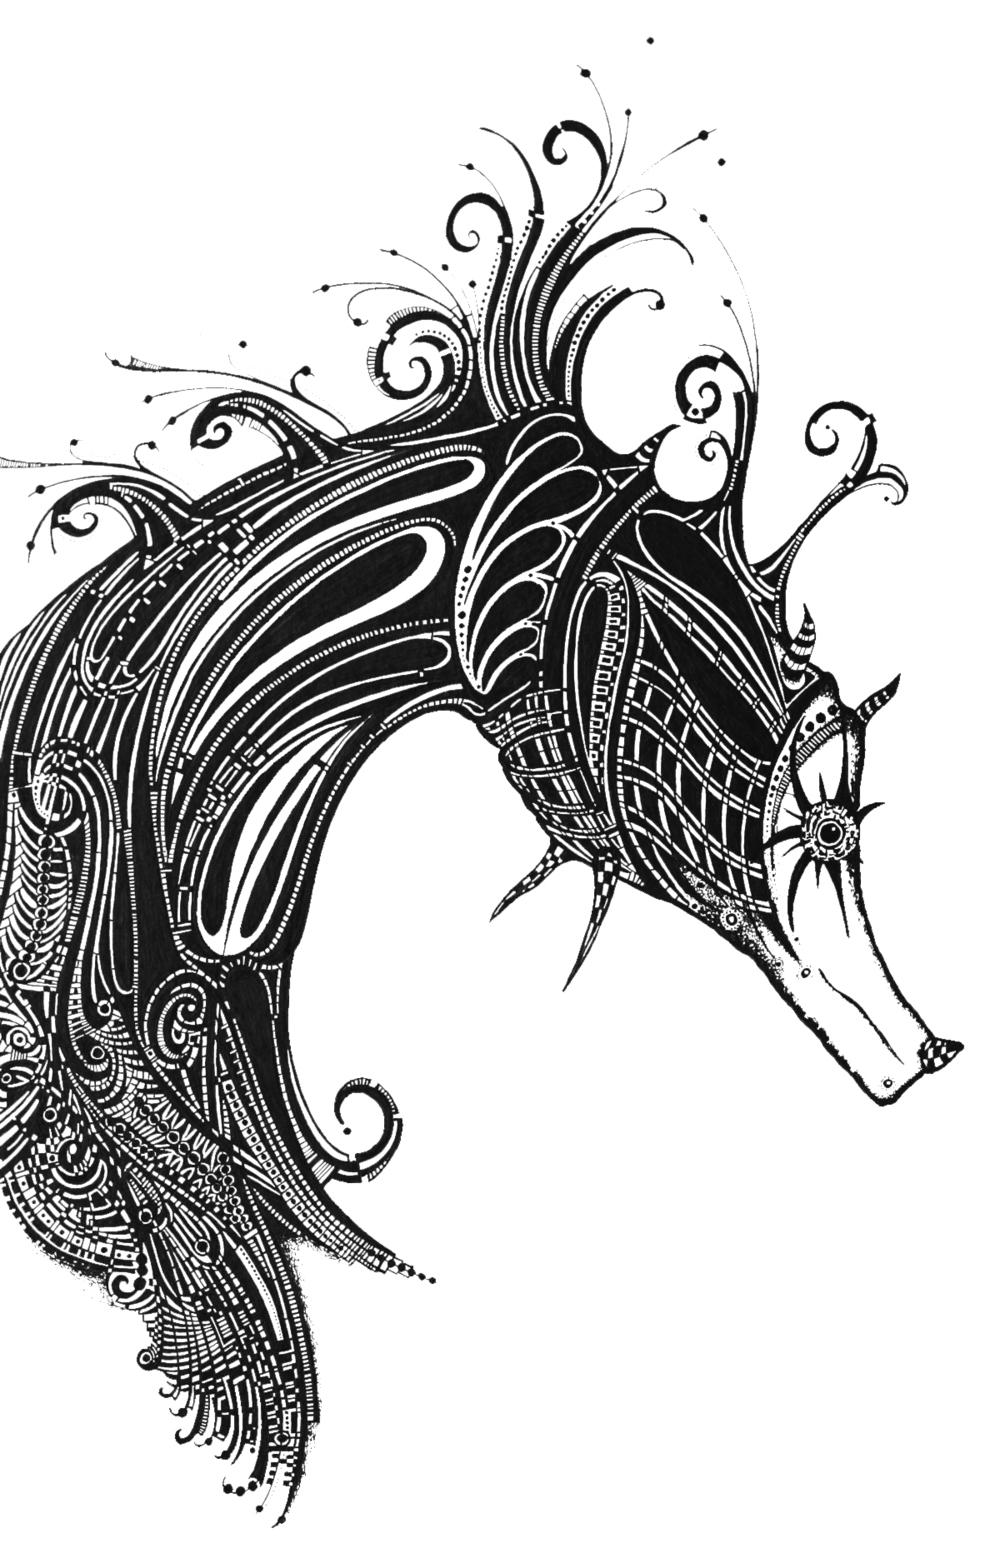 Sea-Horse Fantasia - Study 2